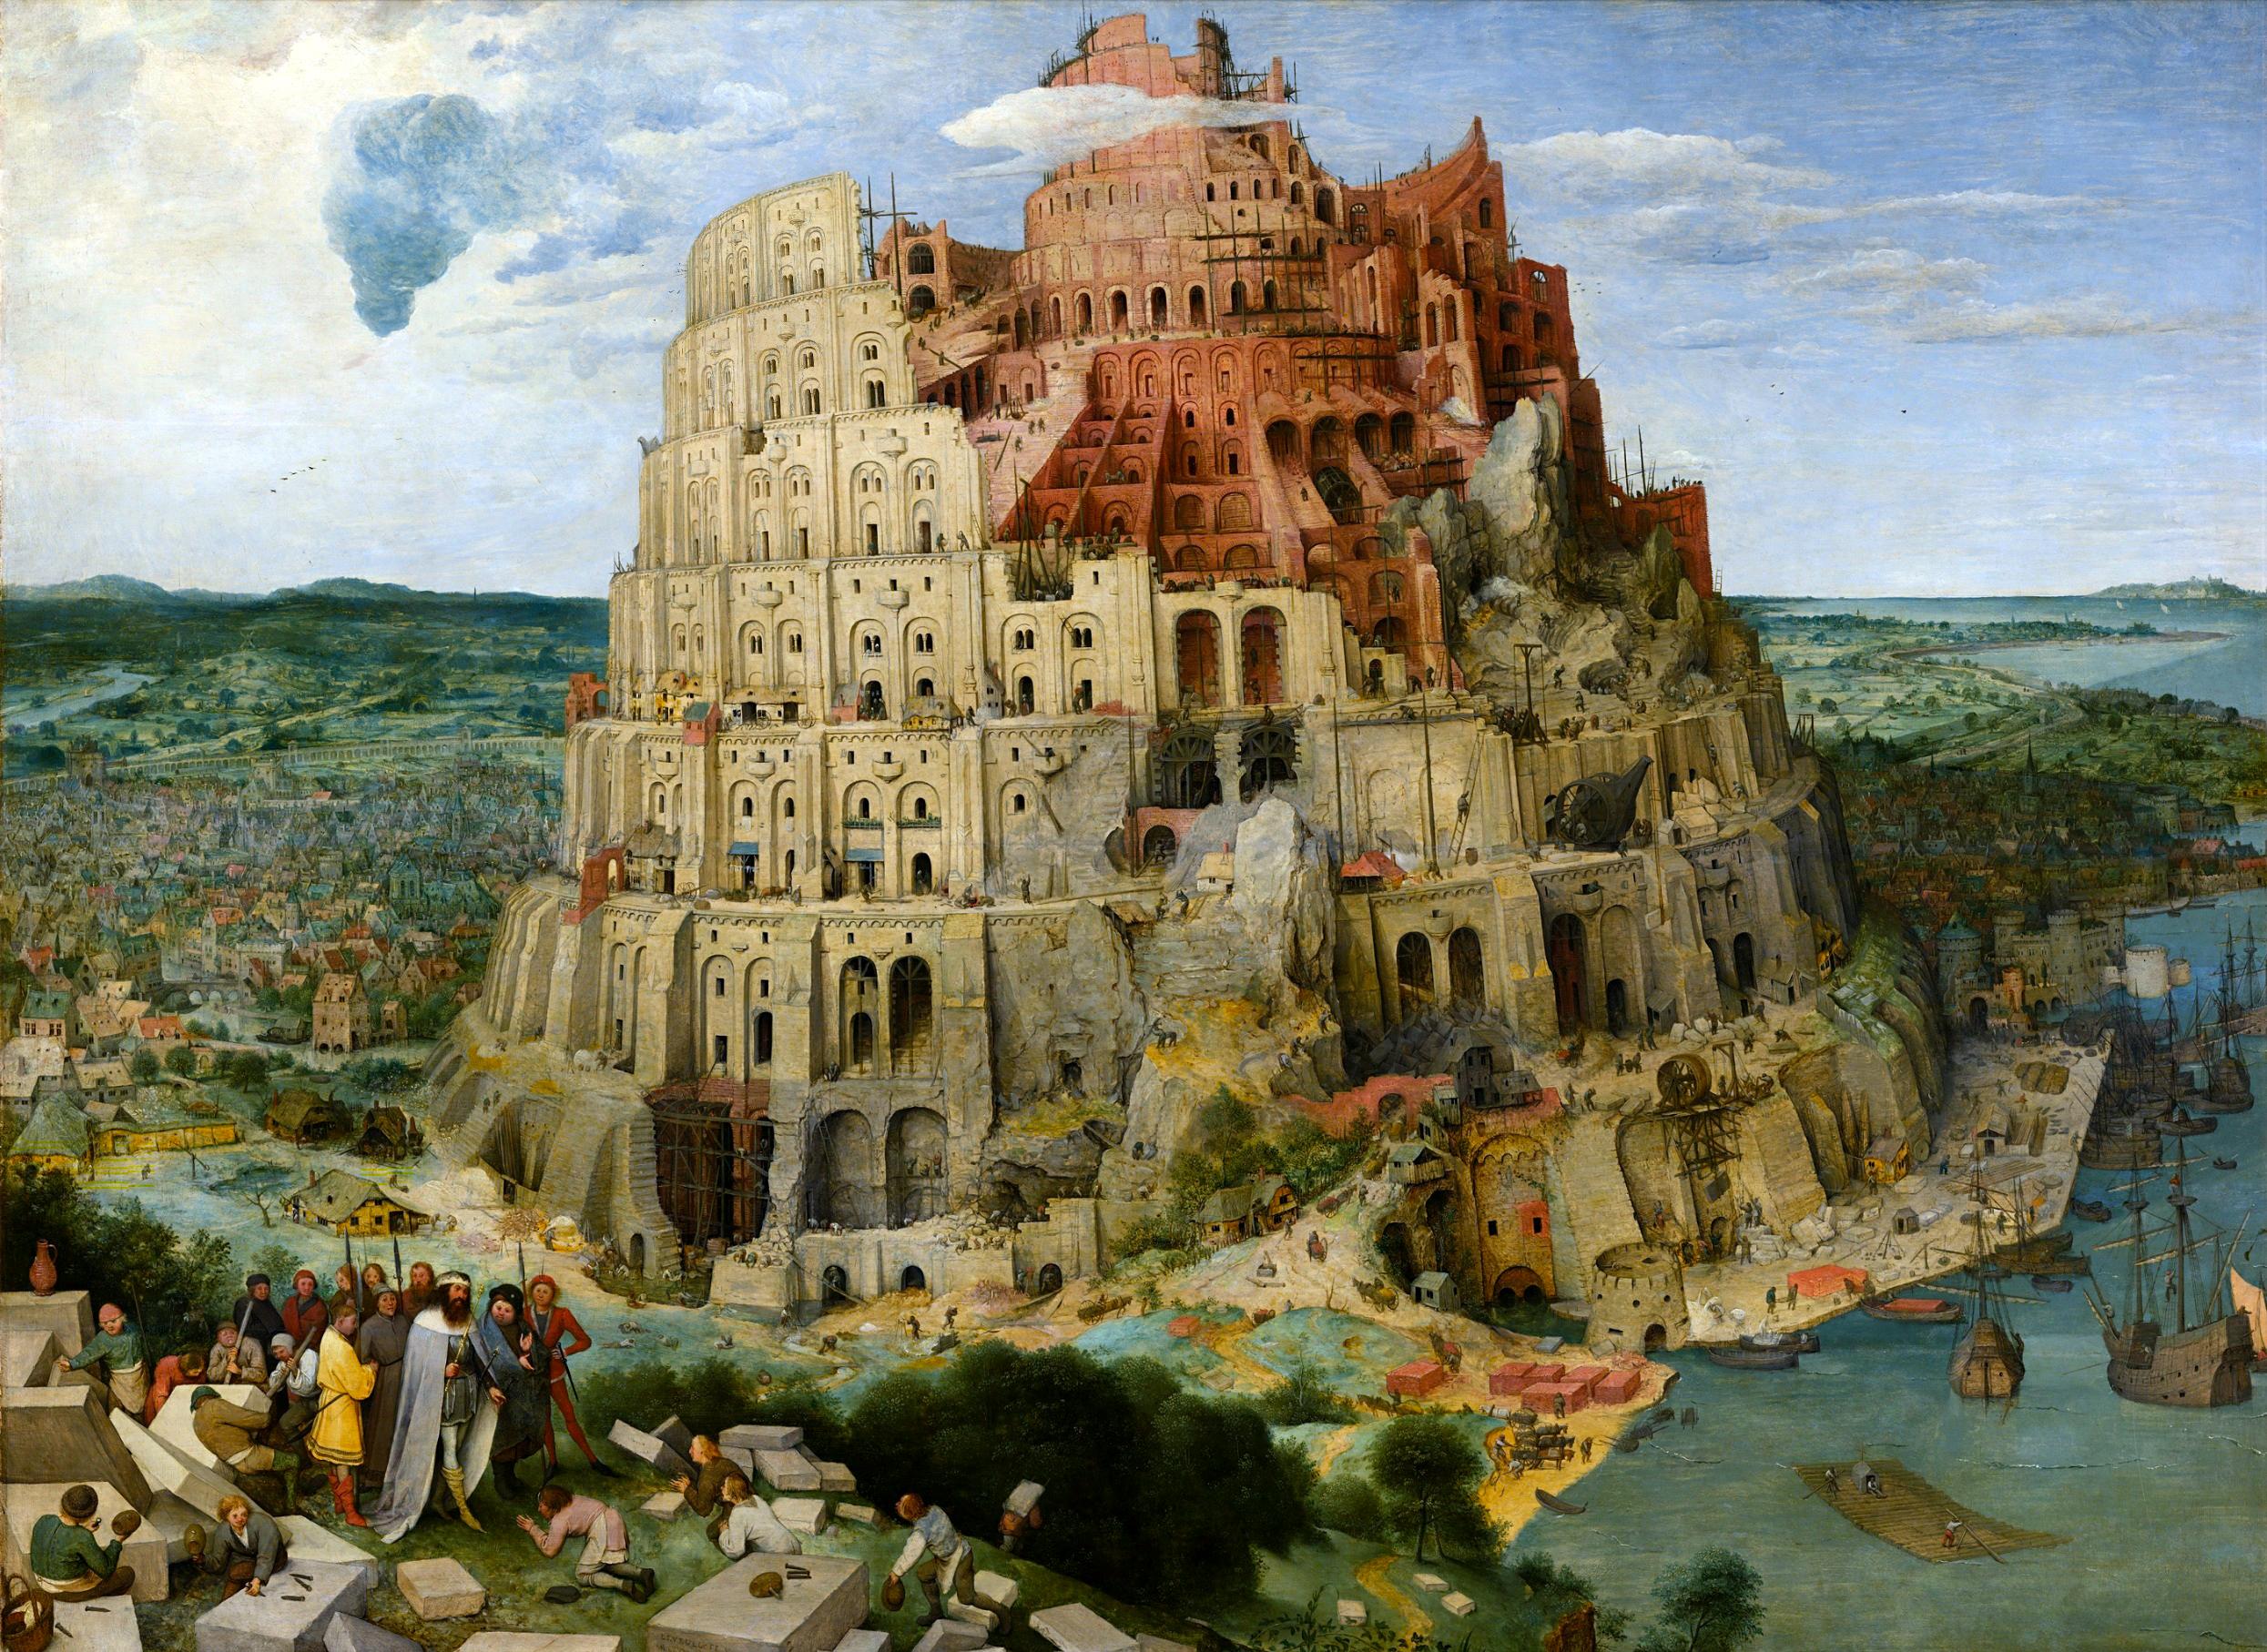 The Tower of Babel, by Pieter Bruegel the Elder, 1563. Kunsthistorisches Museum, Vienna, Austria.